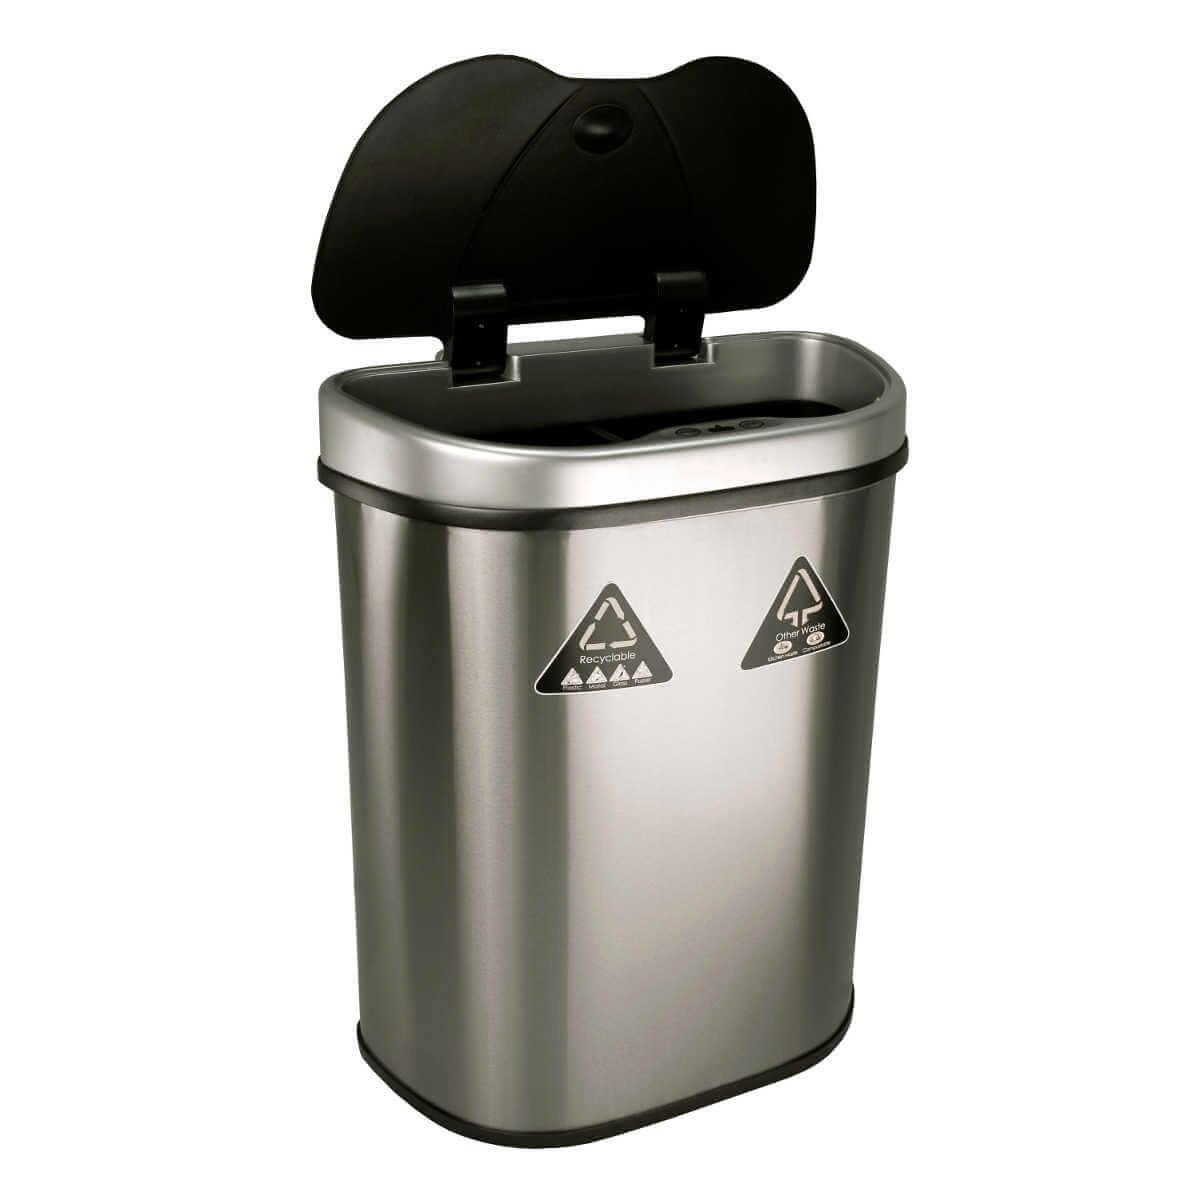 Kosz na śmieci DZT-70-11R 70l bezdotykowy automatyczny recykling